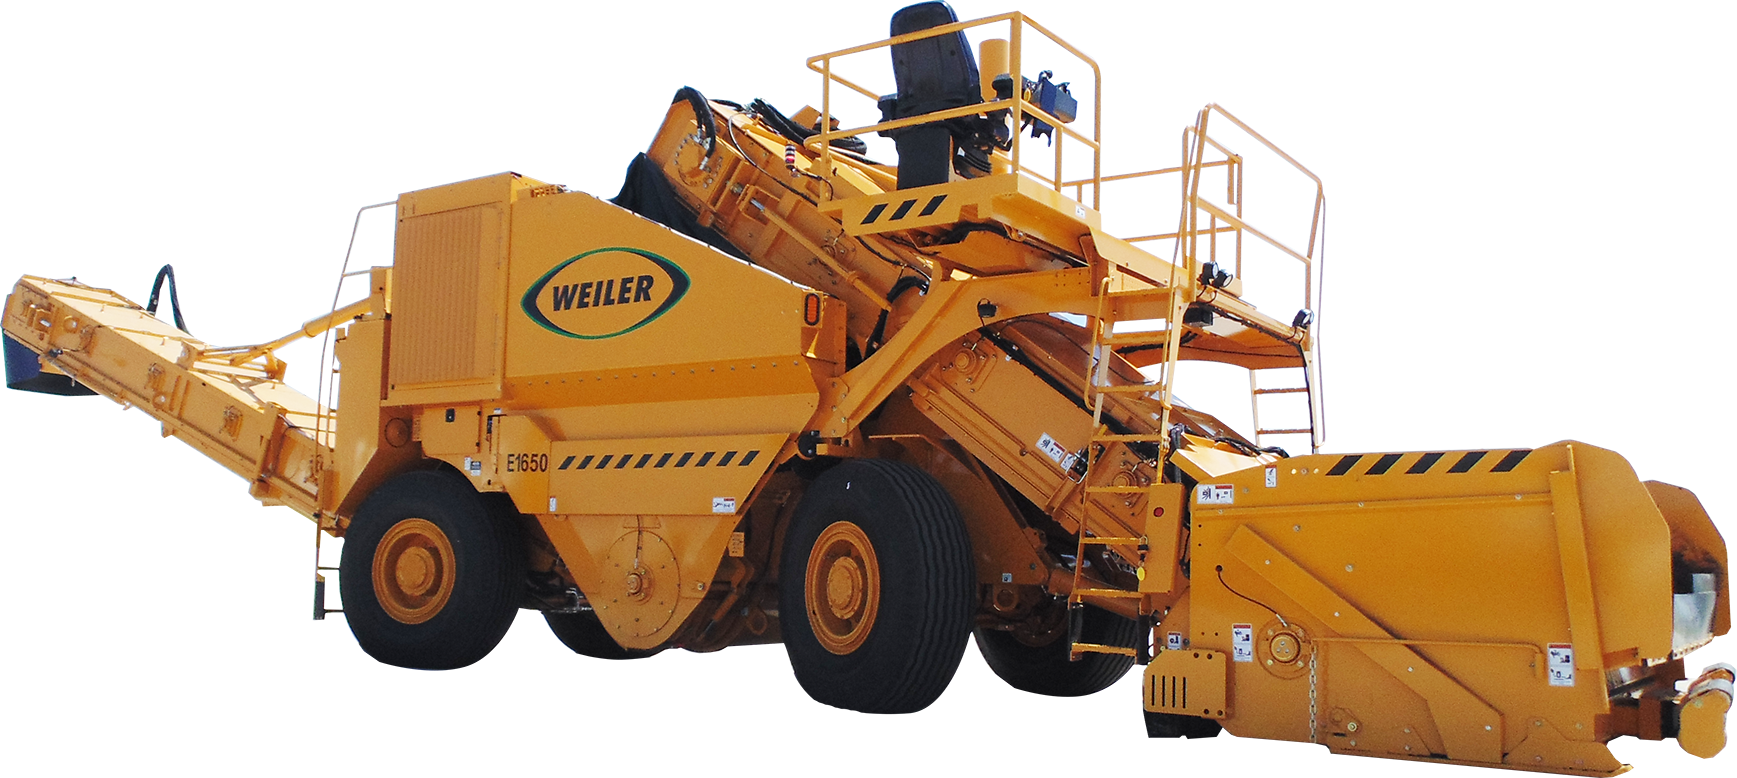 Weiler E1650A